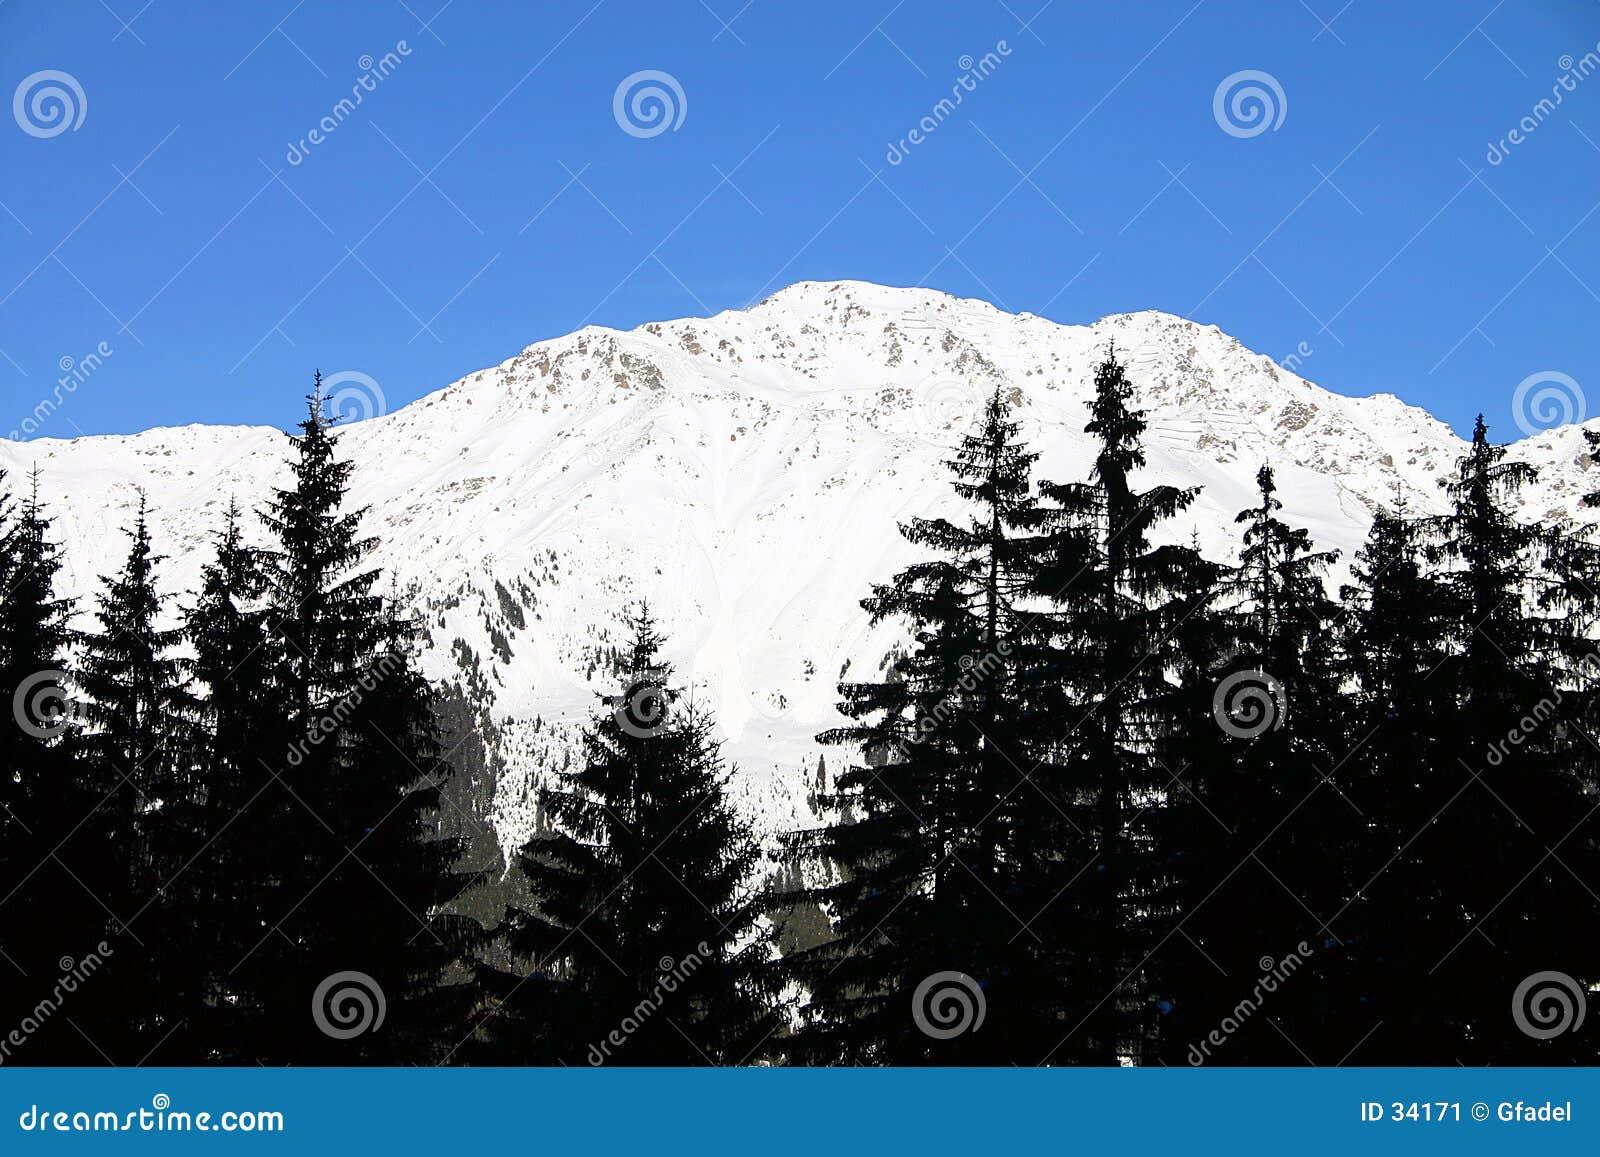 Download Paisaje del invierno imagen de archivo. Imagen de europa - 34171